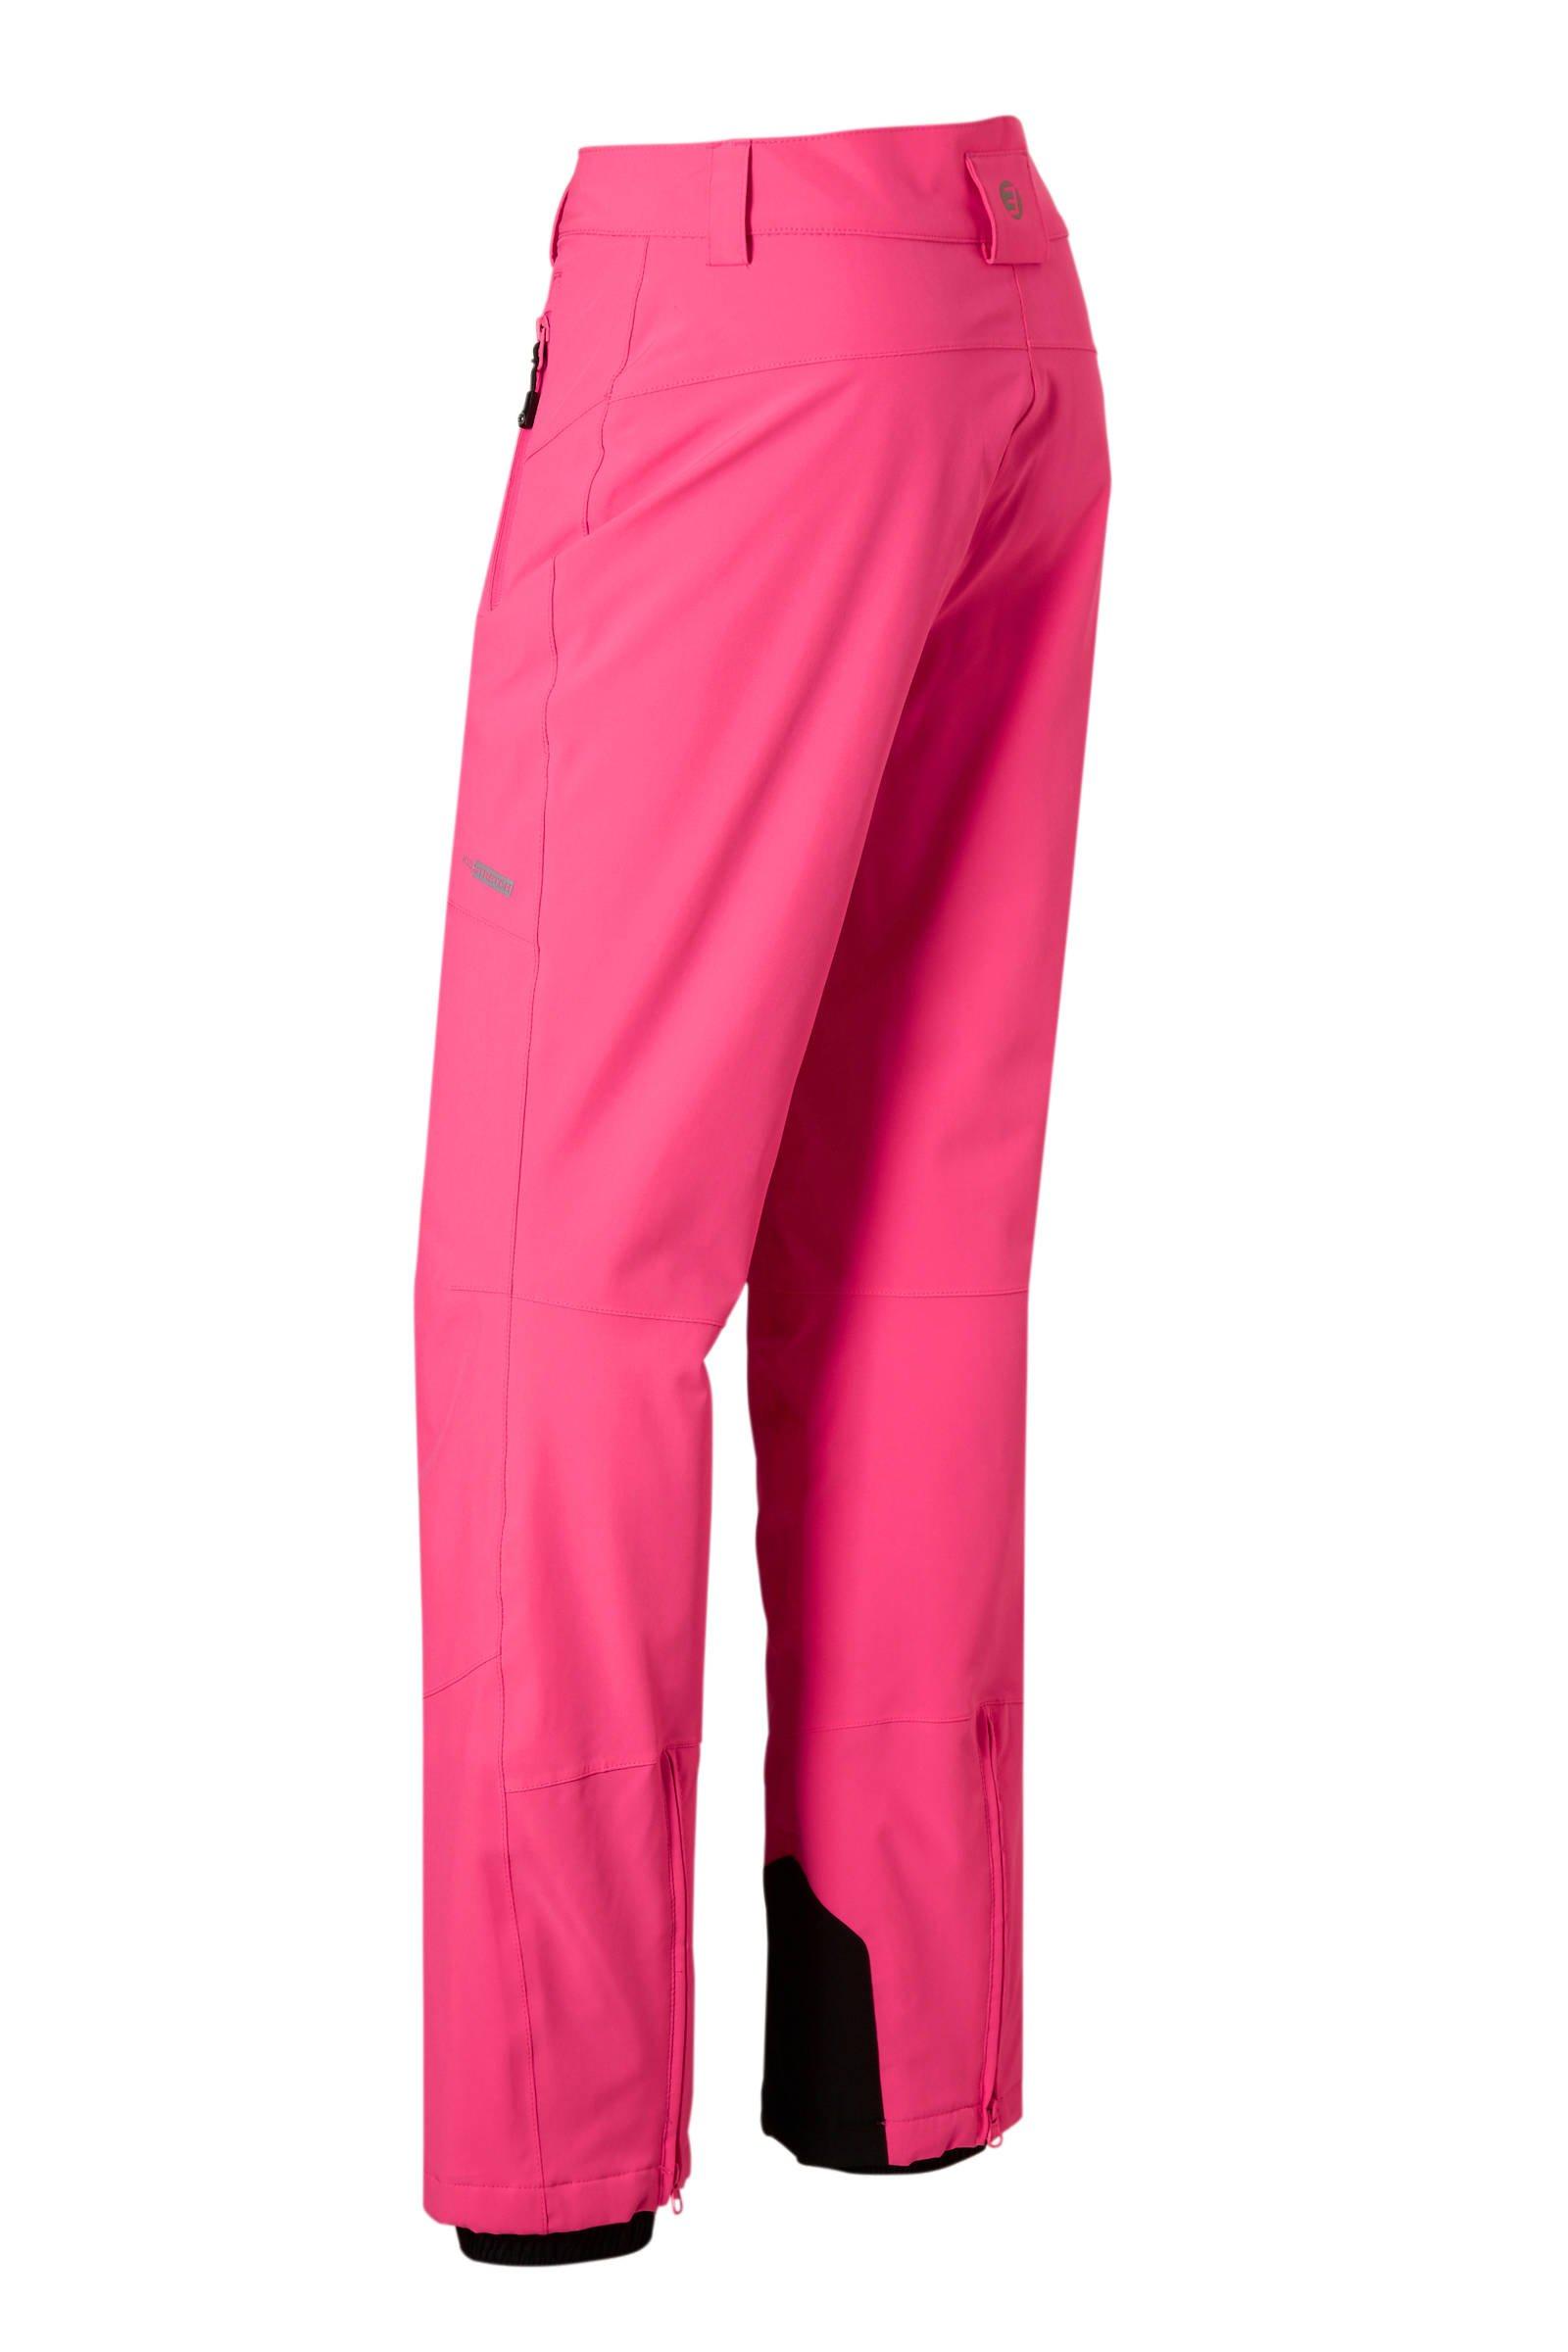 39b1b94552e401 icepeak-skibroek-roze-dames-roze-6413680399380.jpg